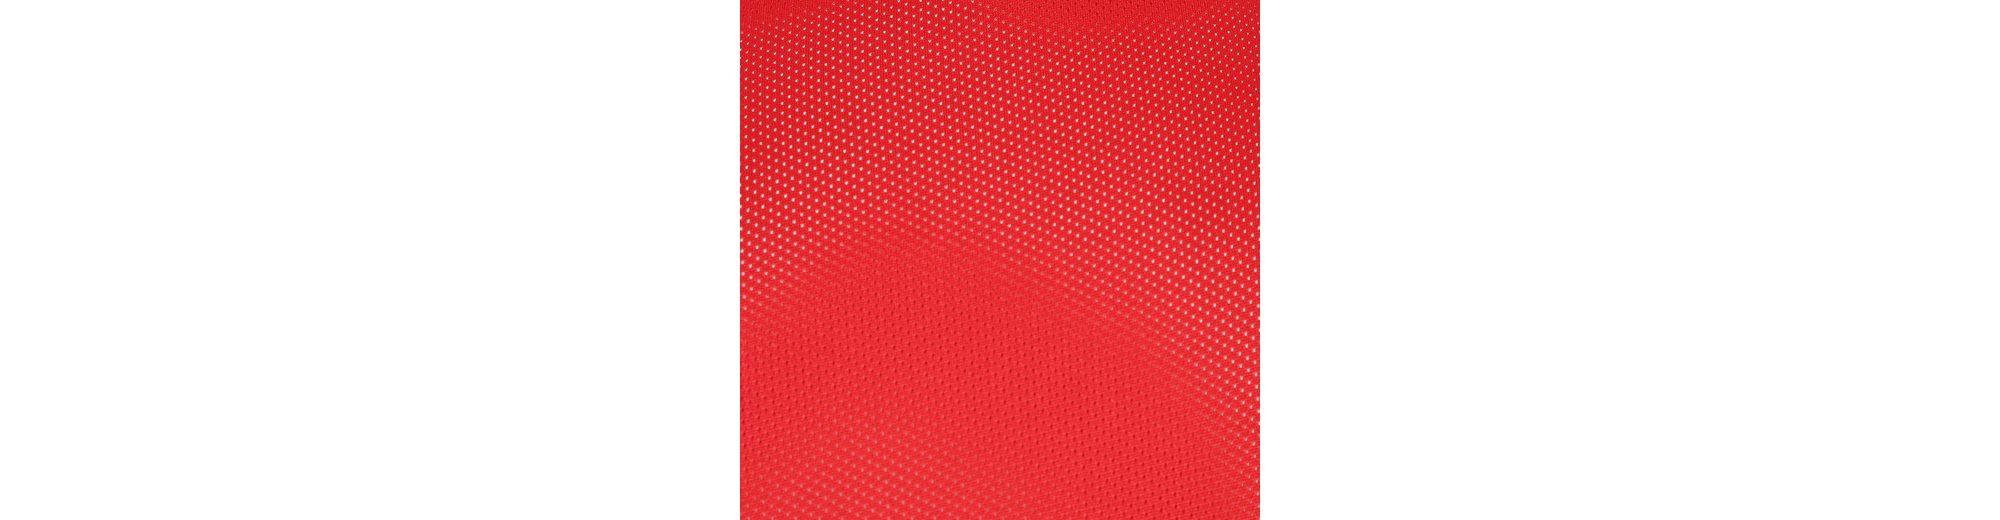 Nike Academy 16 Trainingsshirt Herren Auslasszwischenraum Günstiger Preis In Deutschland Spielraum 2018 Billig Verkauf Neueste Spielraum Beliebt 2YVgxrWL